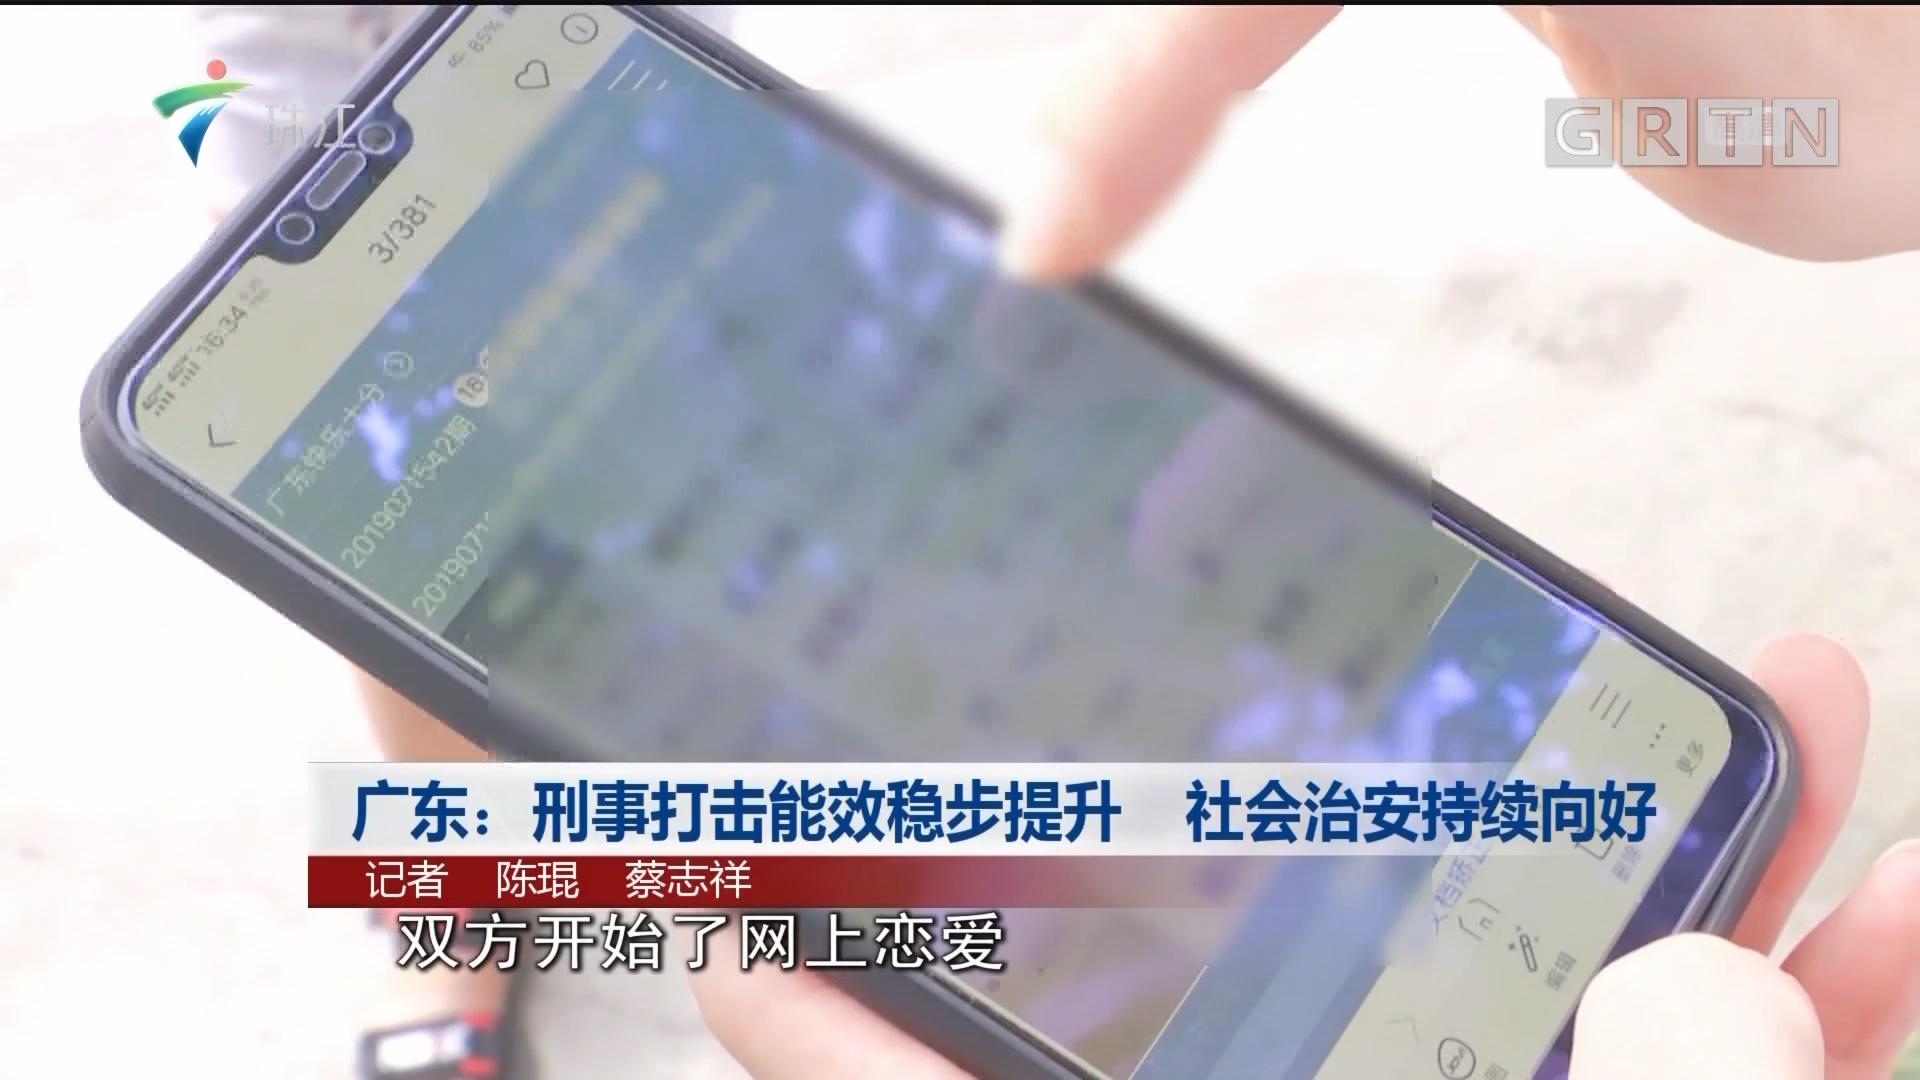 广东:刑事打击能效稳步提升 社会治安持续向好